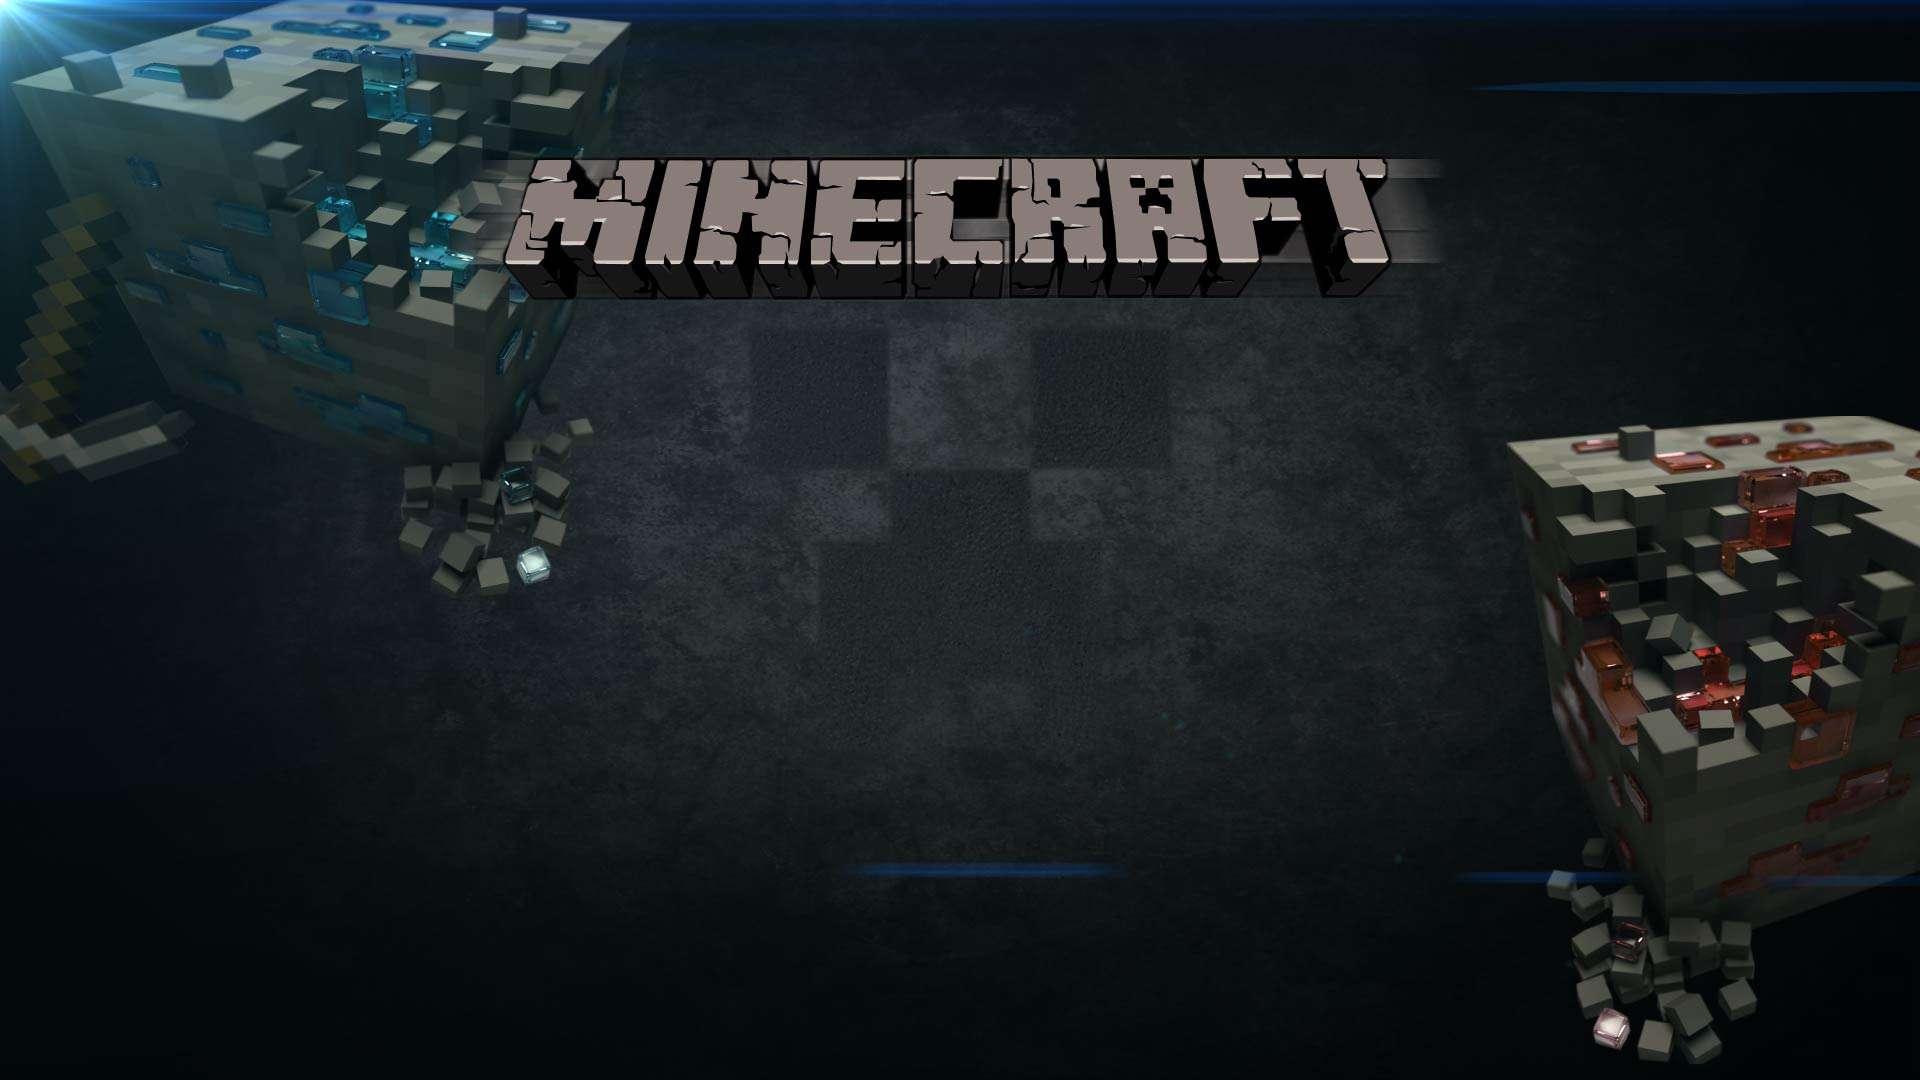 Minecraft Top Wallpapers for your desktop| 1920 x 1080 ...